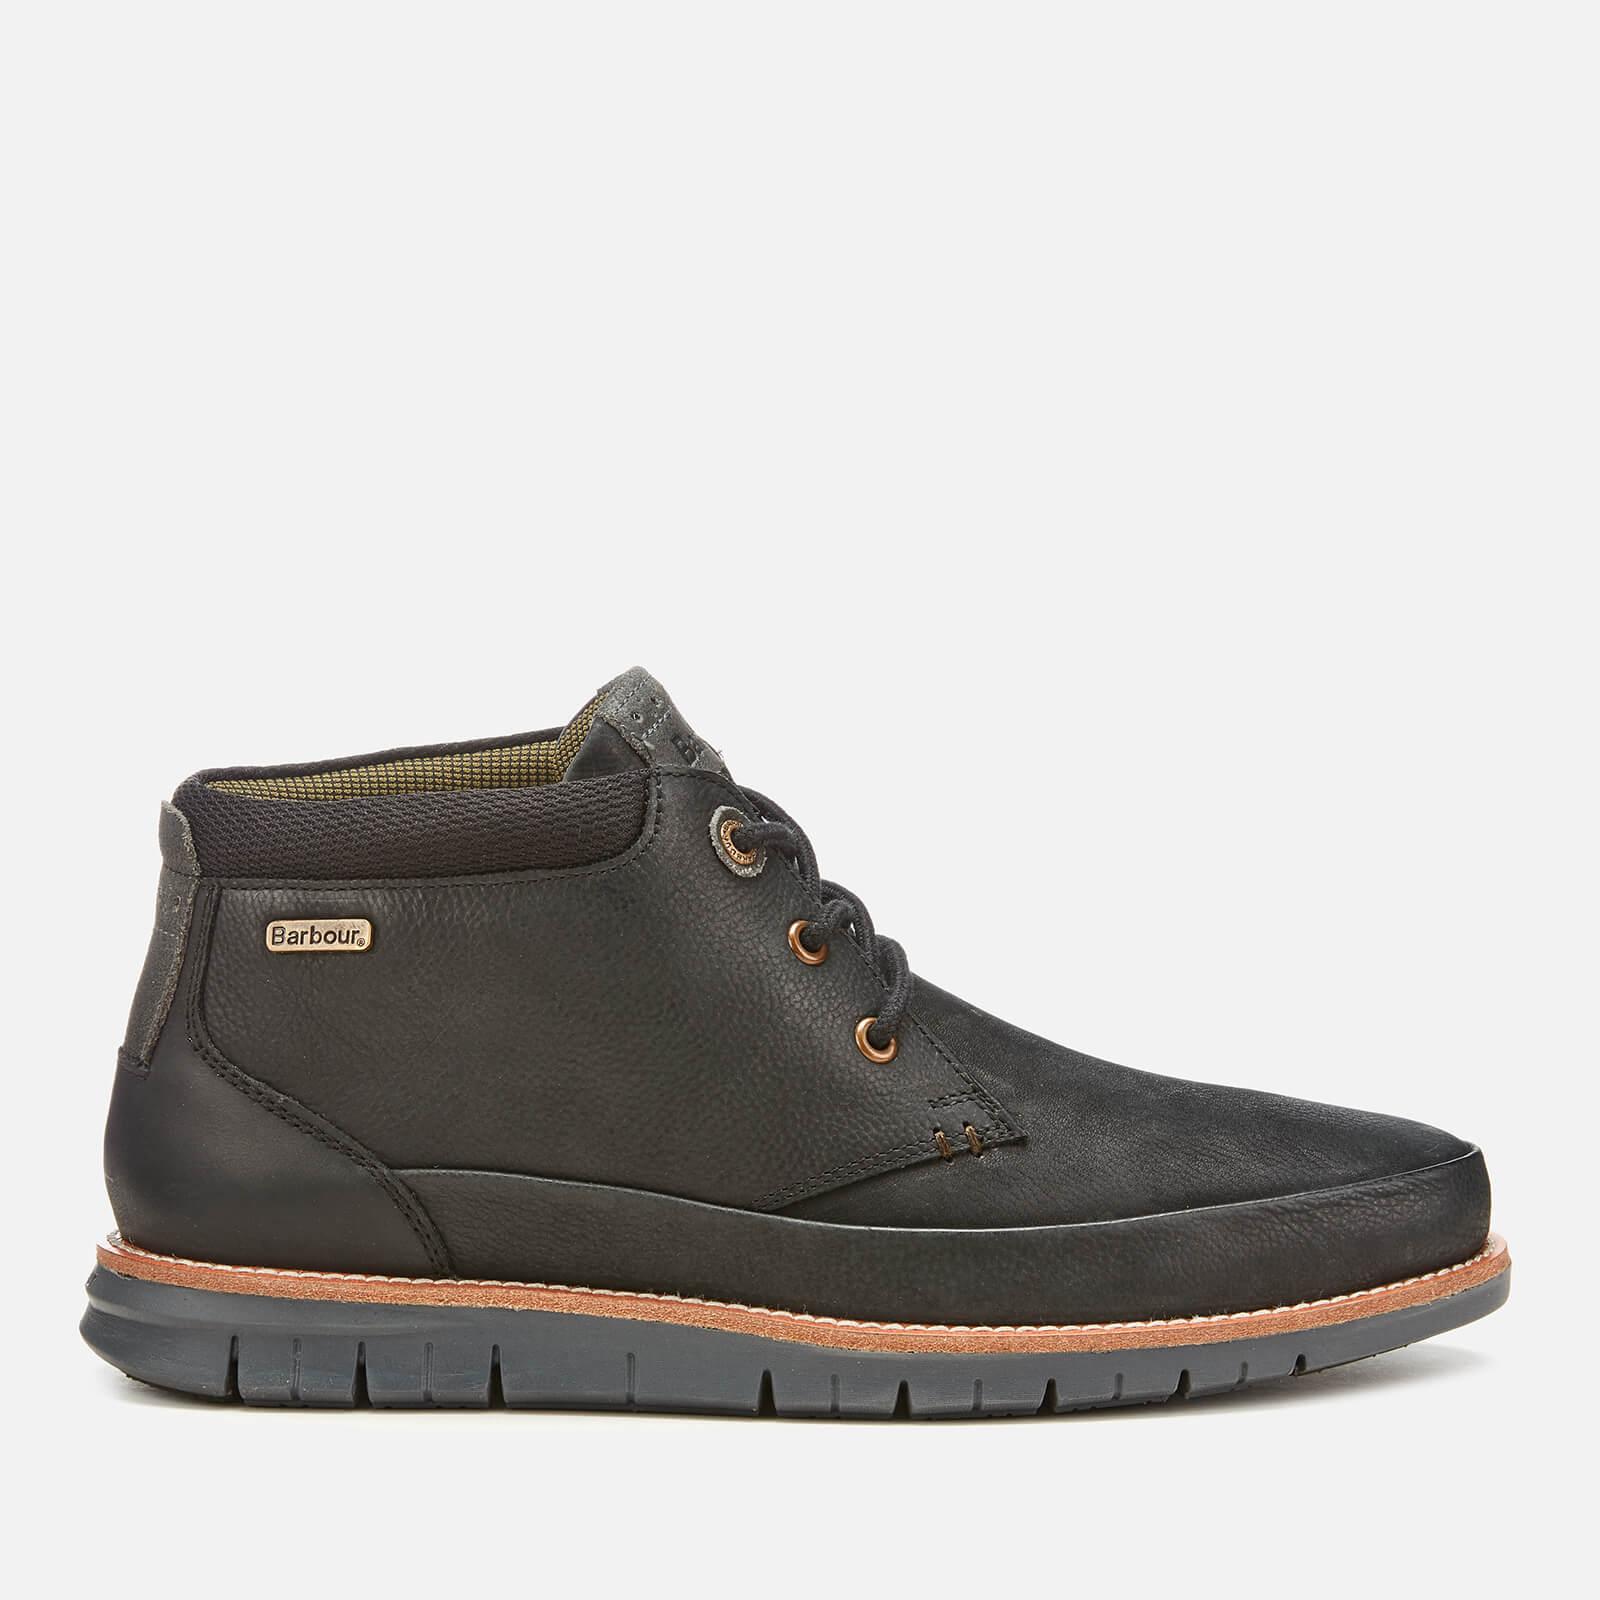 Barbour Mens Nelson Nubuck 3 Eye Chukka Boots Black Uk 7